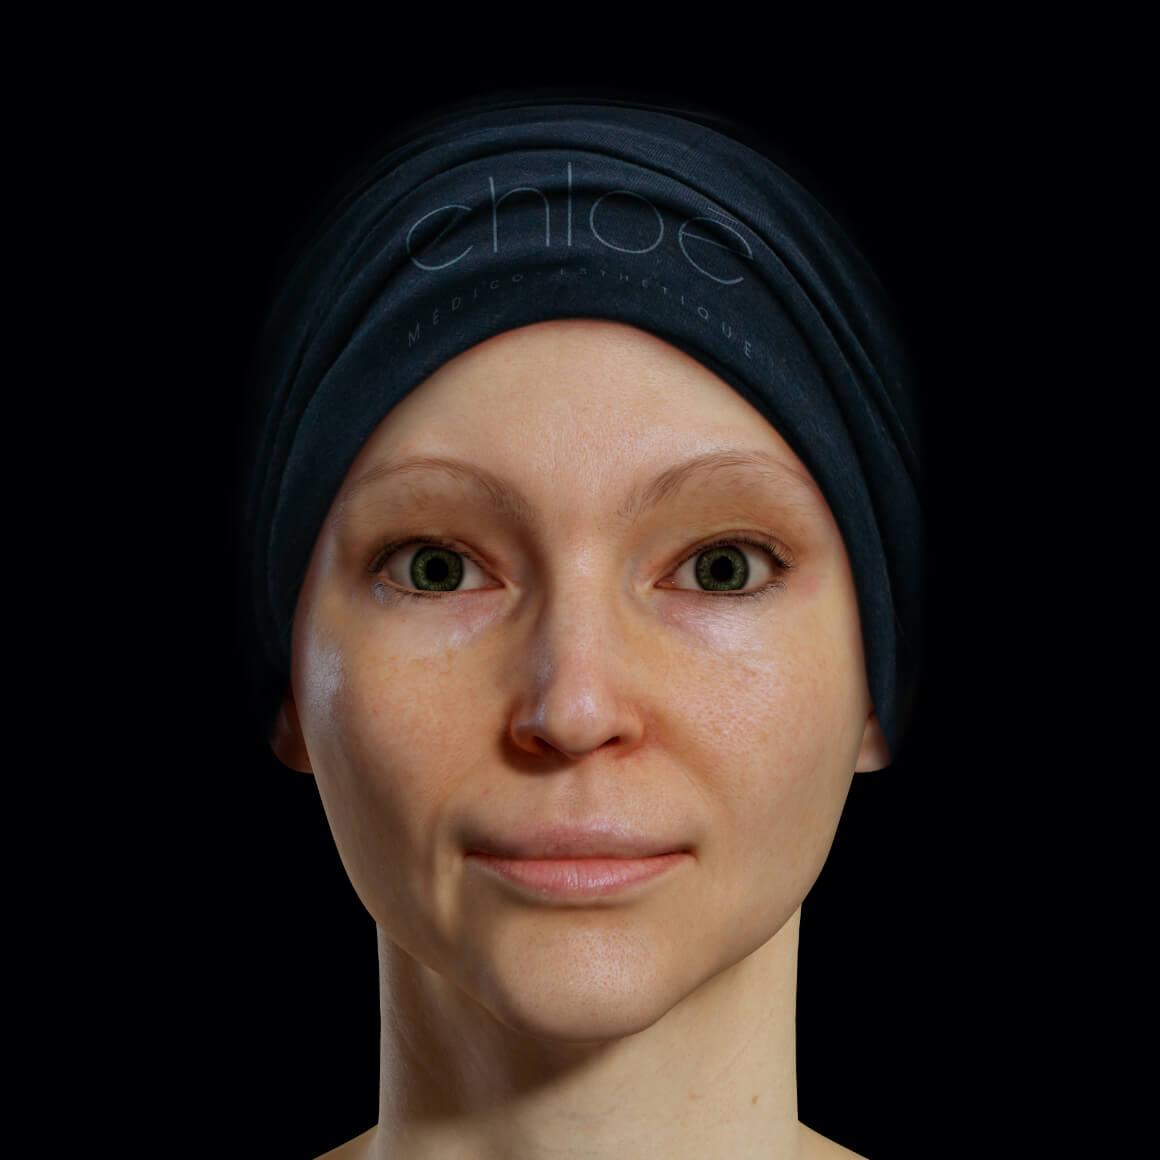 Patient de la Clinique Chloé positionnée de face après des traitements Venus Viva contre les pores dilatés